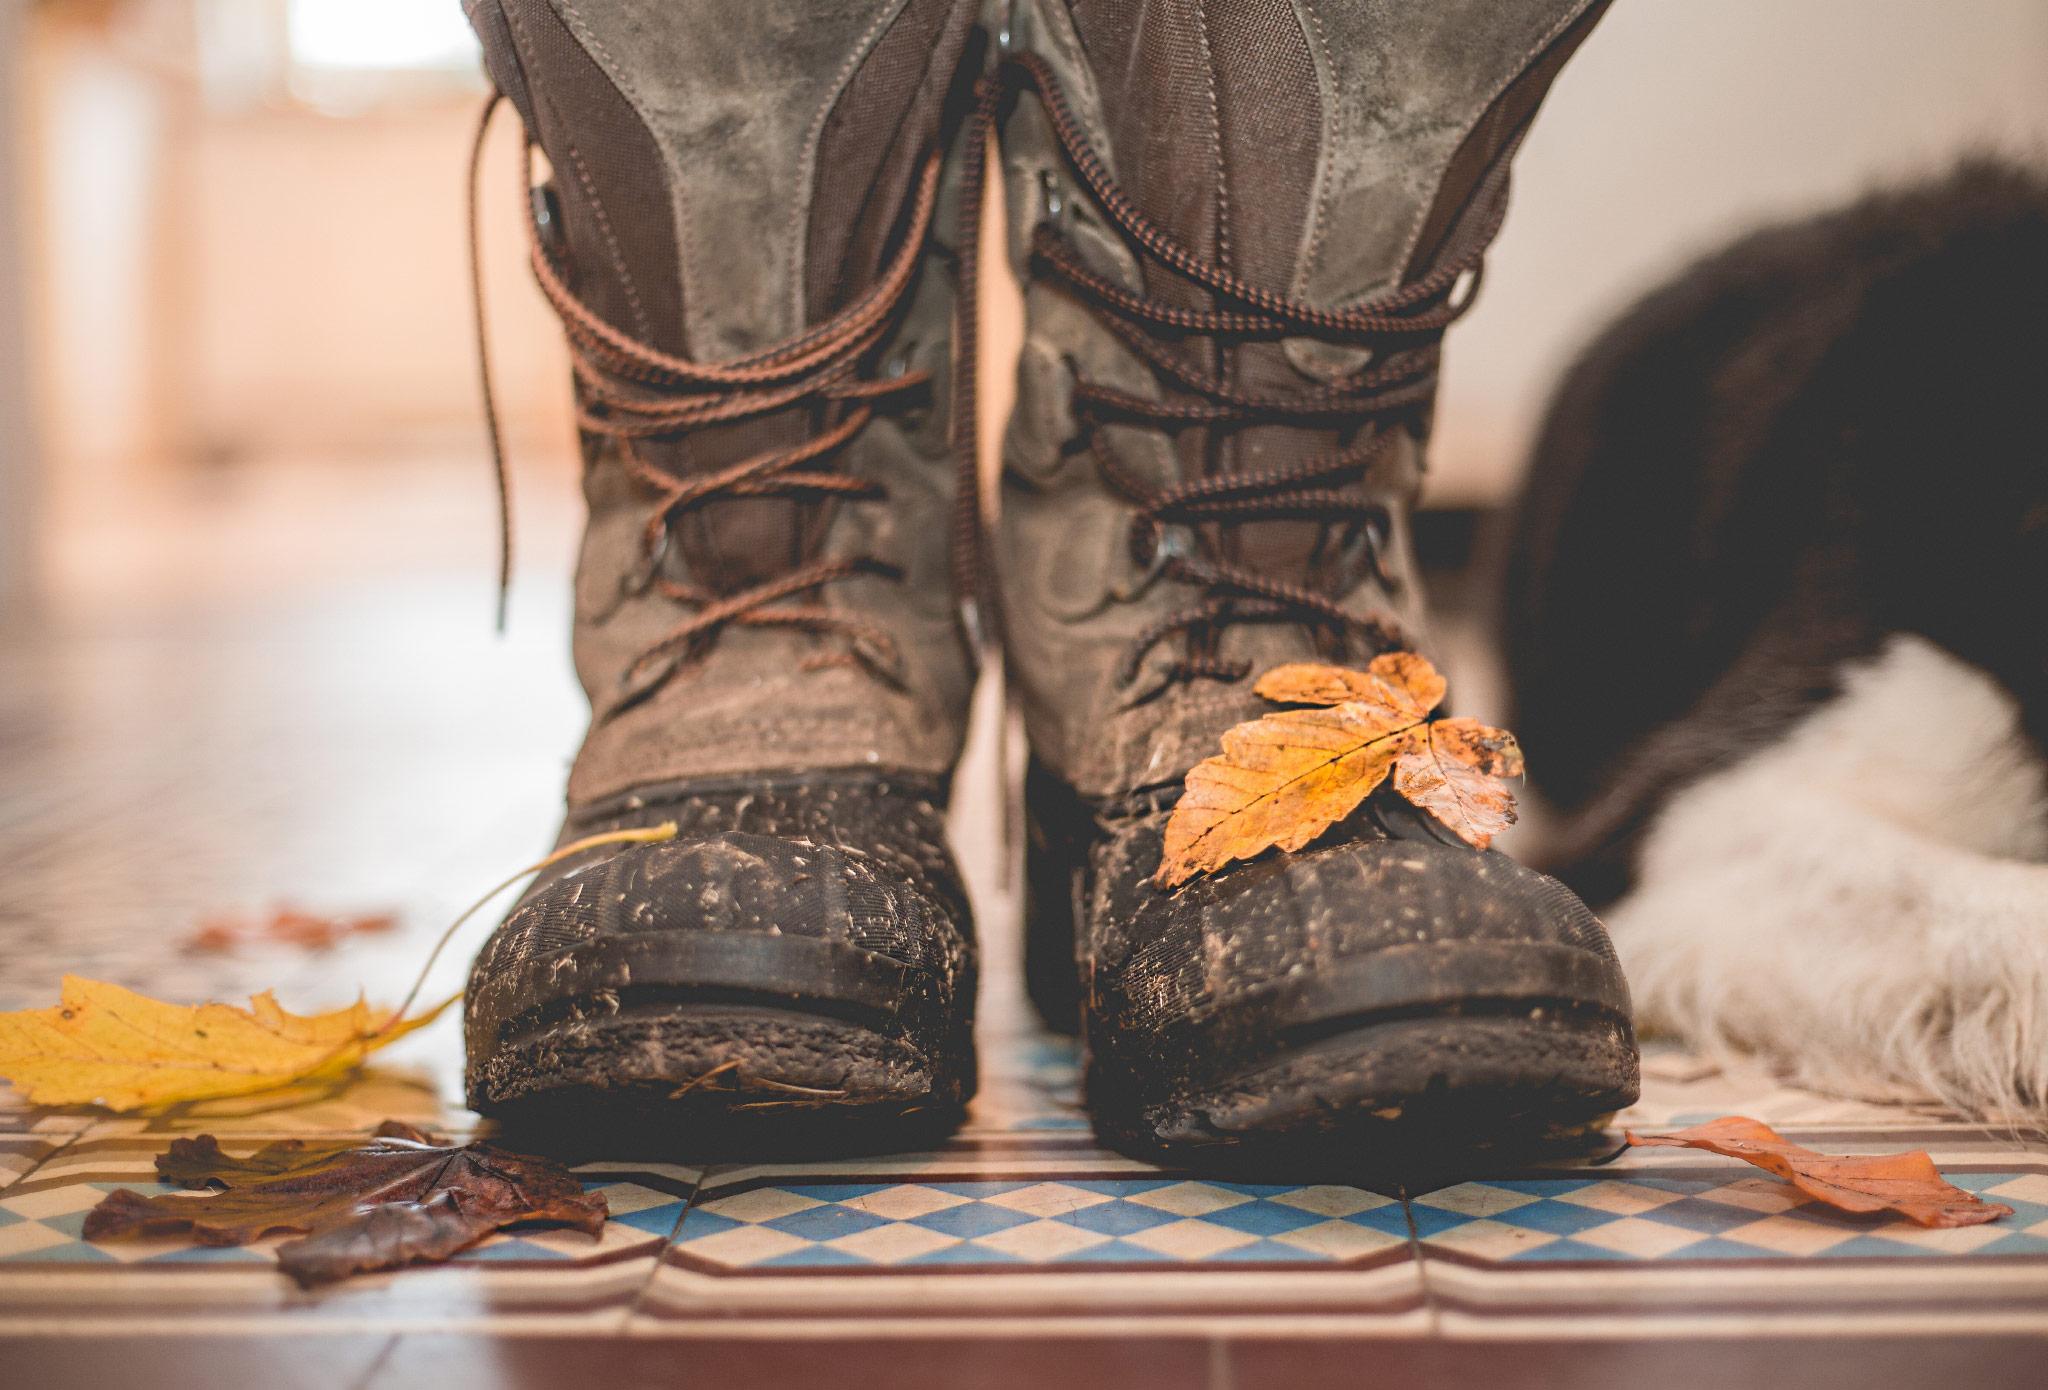 16|11|2016 – Fußboden in Herbststimmung